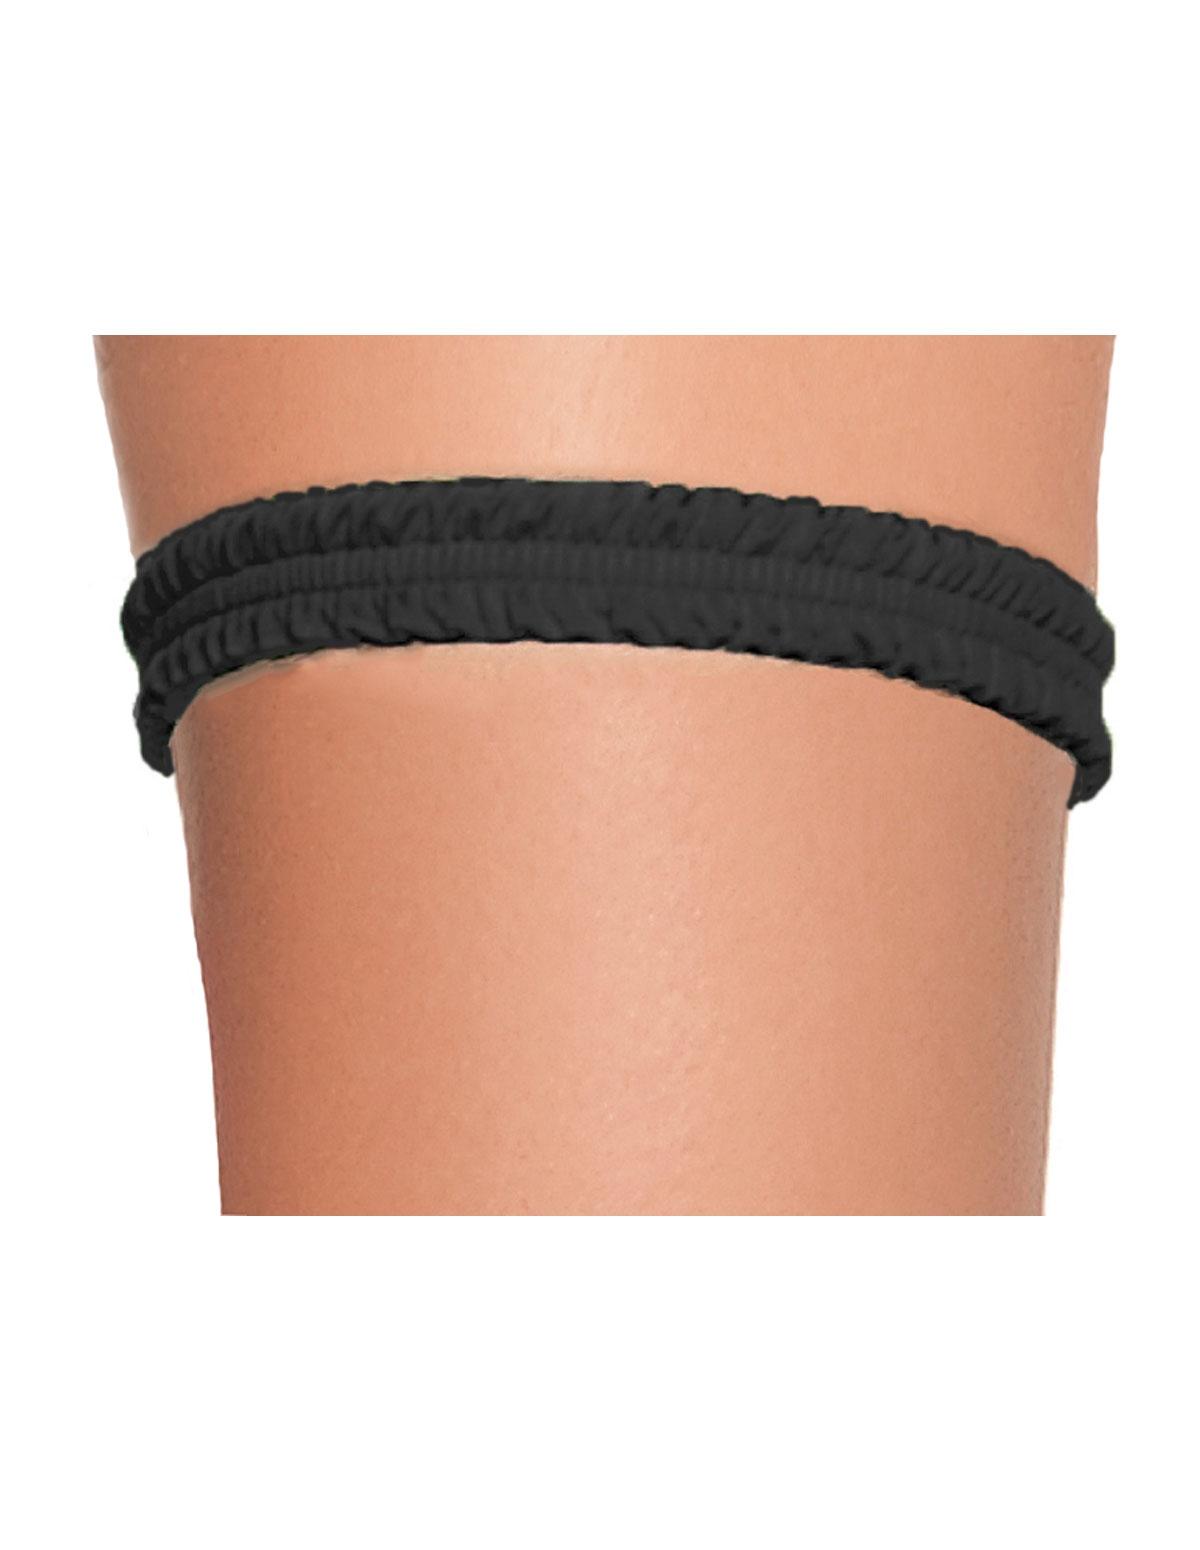 Ruched Leg Garter Black